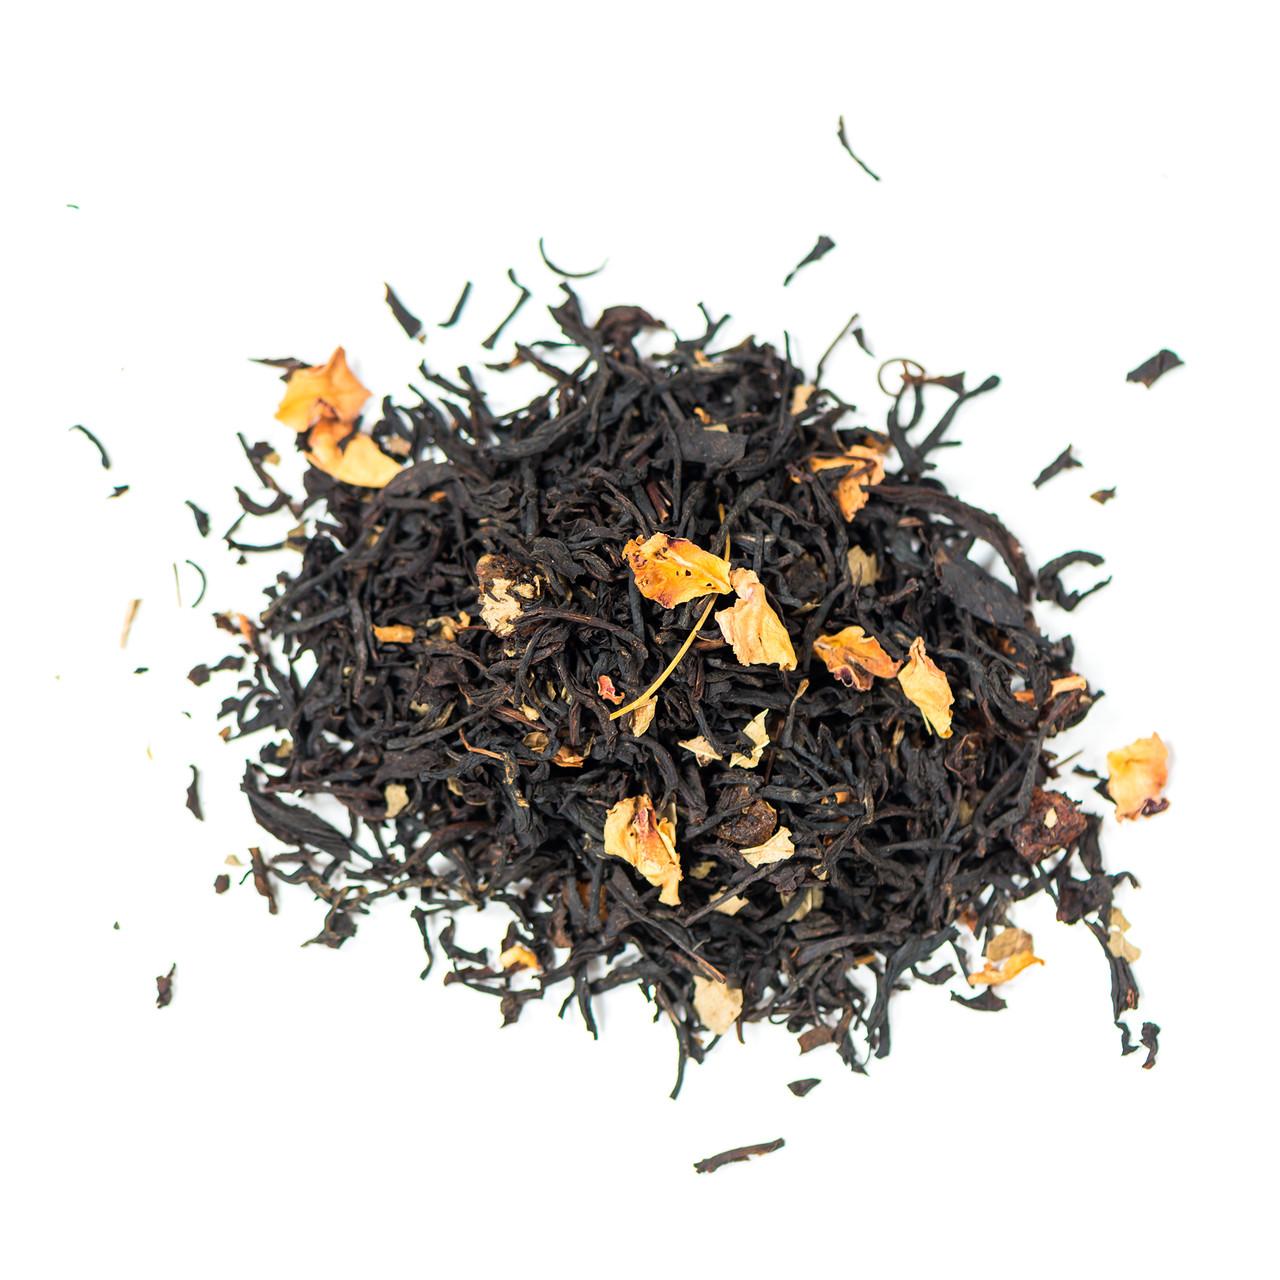 Чай чорний Полуничний десерт 1кг.